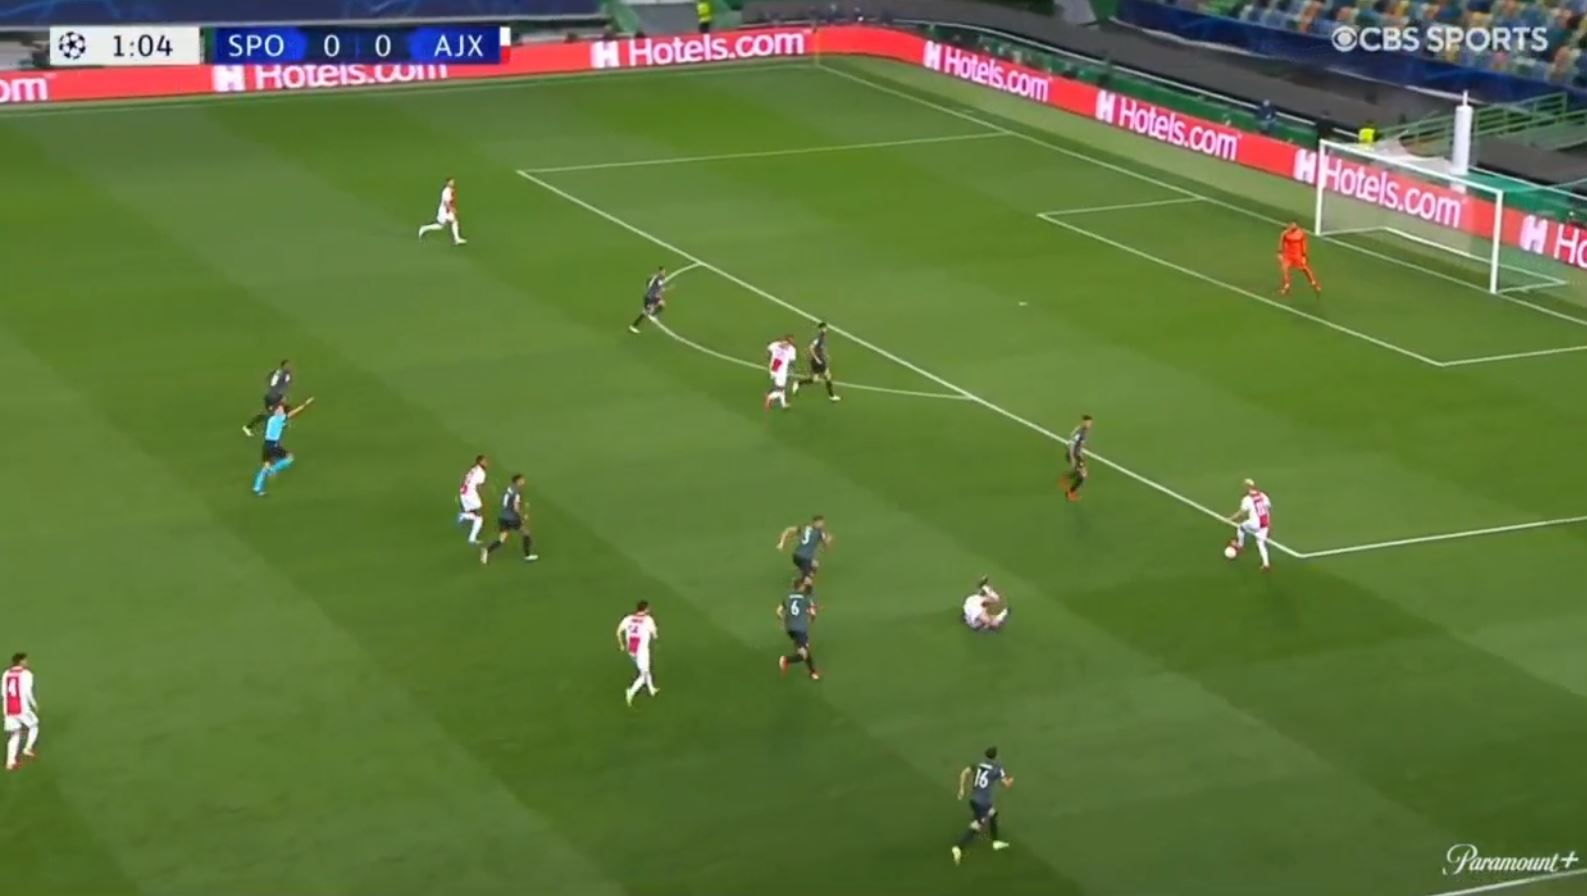 Sporting 1-5 Ajax 2021.09.15 (20h00) Watch Full Goals Highlight